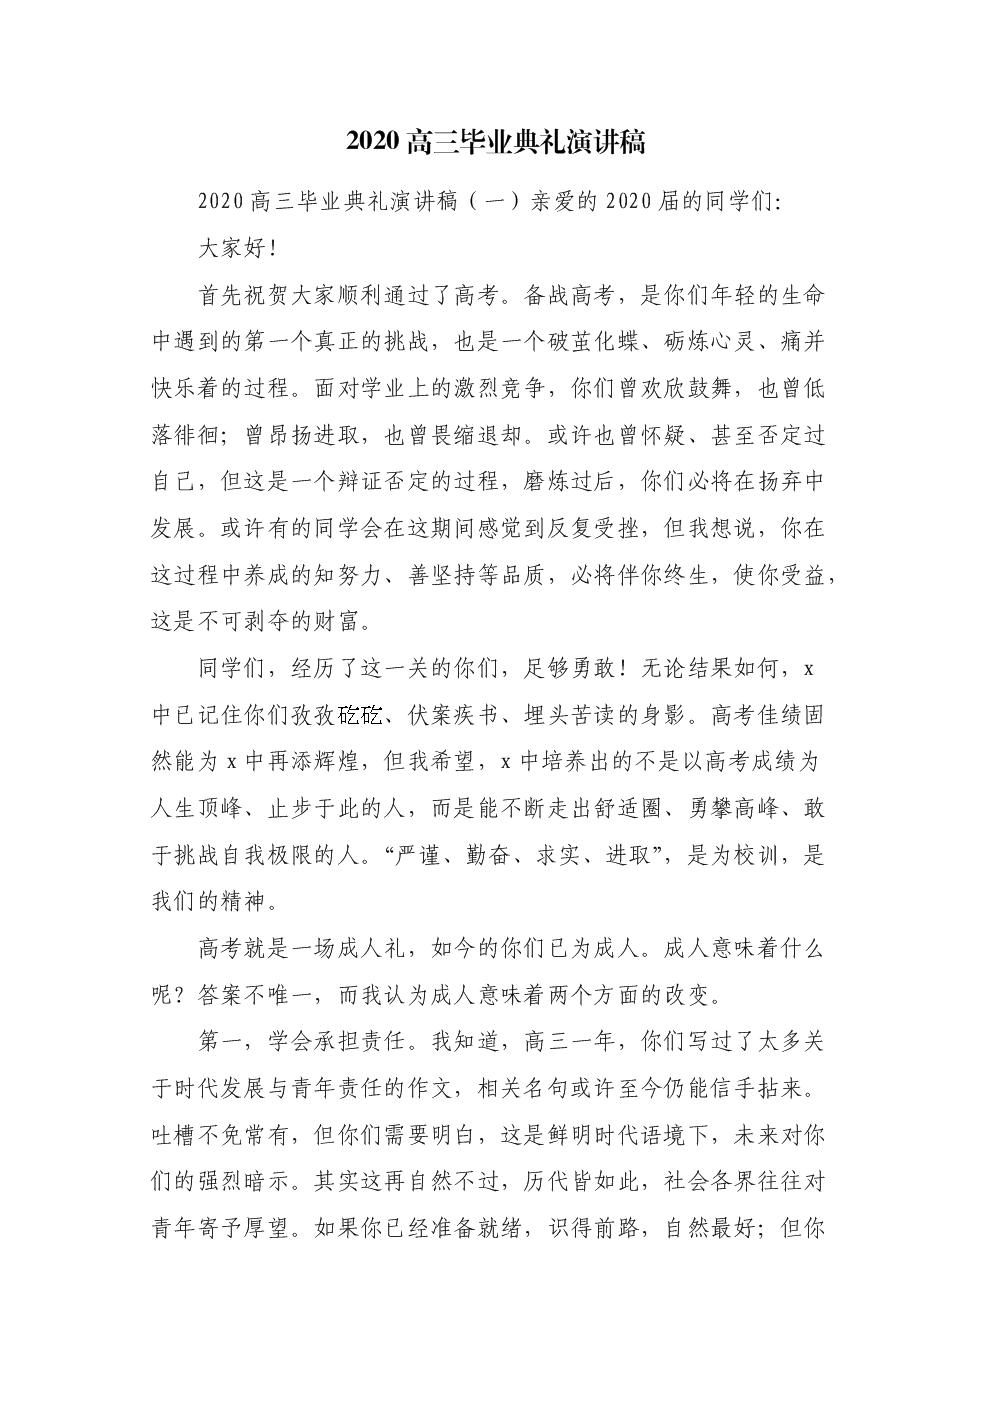 (精选)2020高三毕业典礼演讲稿.doc